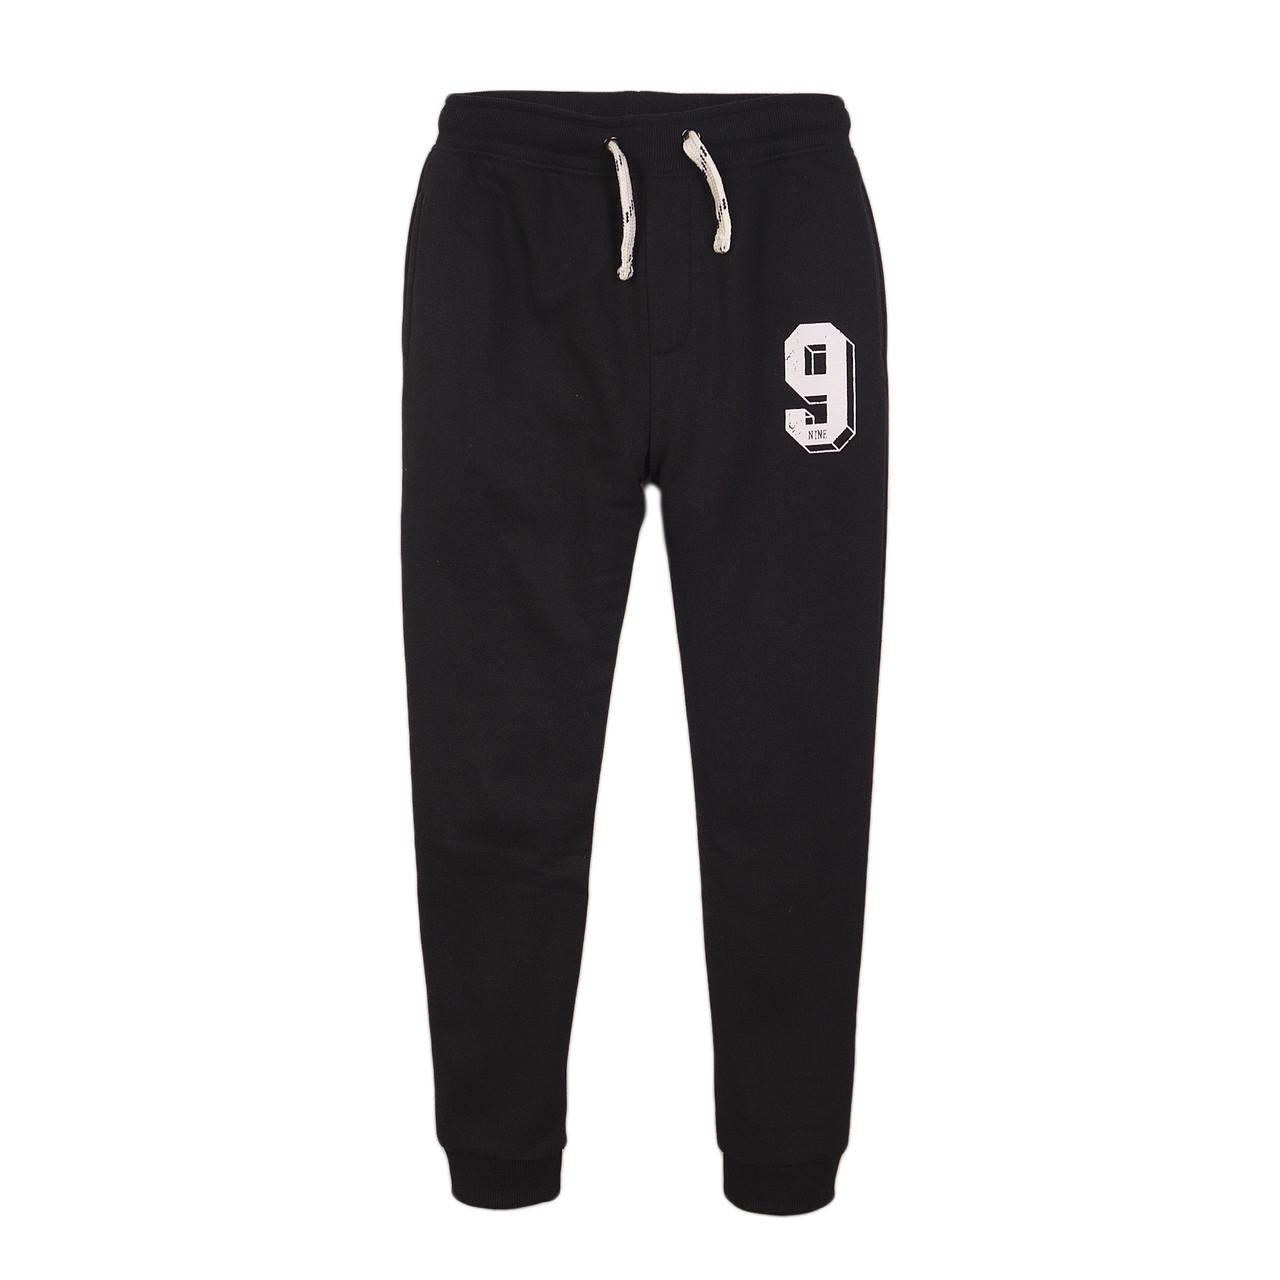 Спортивные детские и подростковые штаны для мальчиков 3-13 лет, 98-158 см Minoti 98-104 см